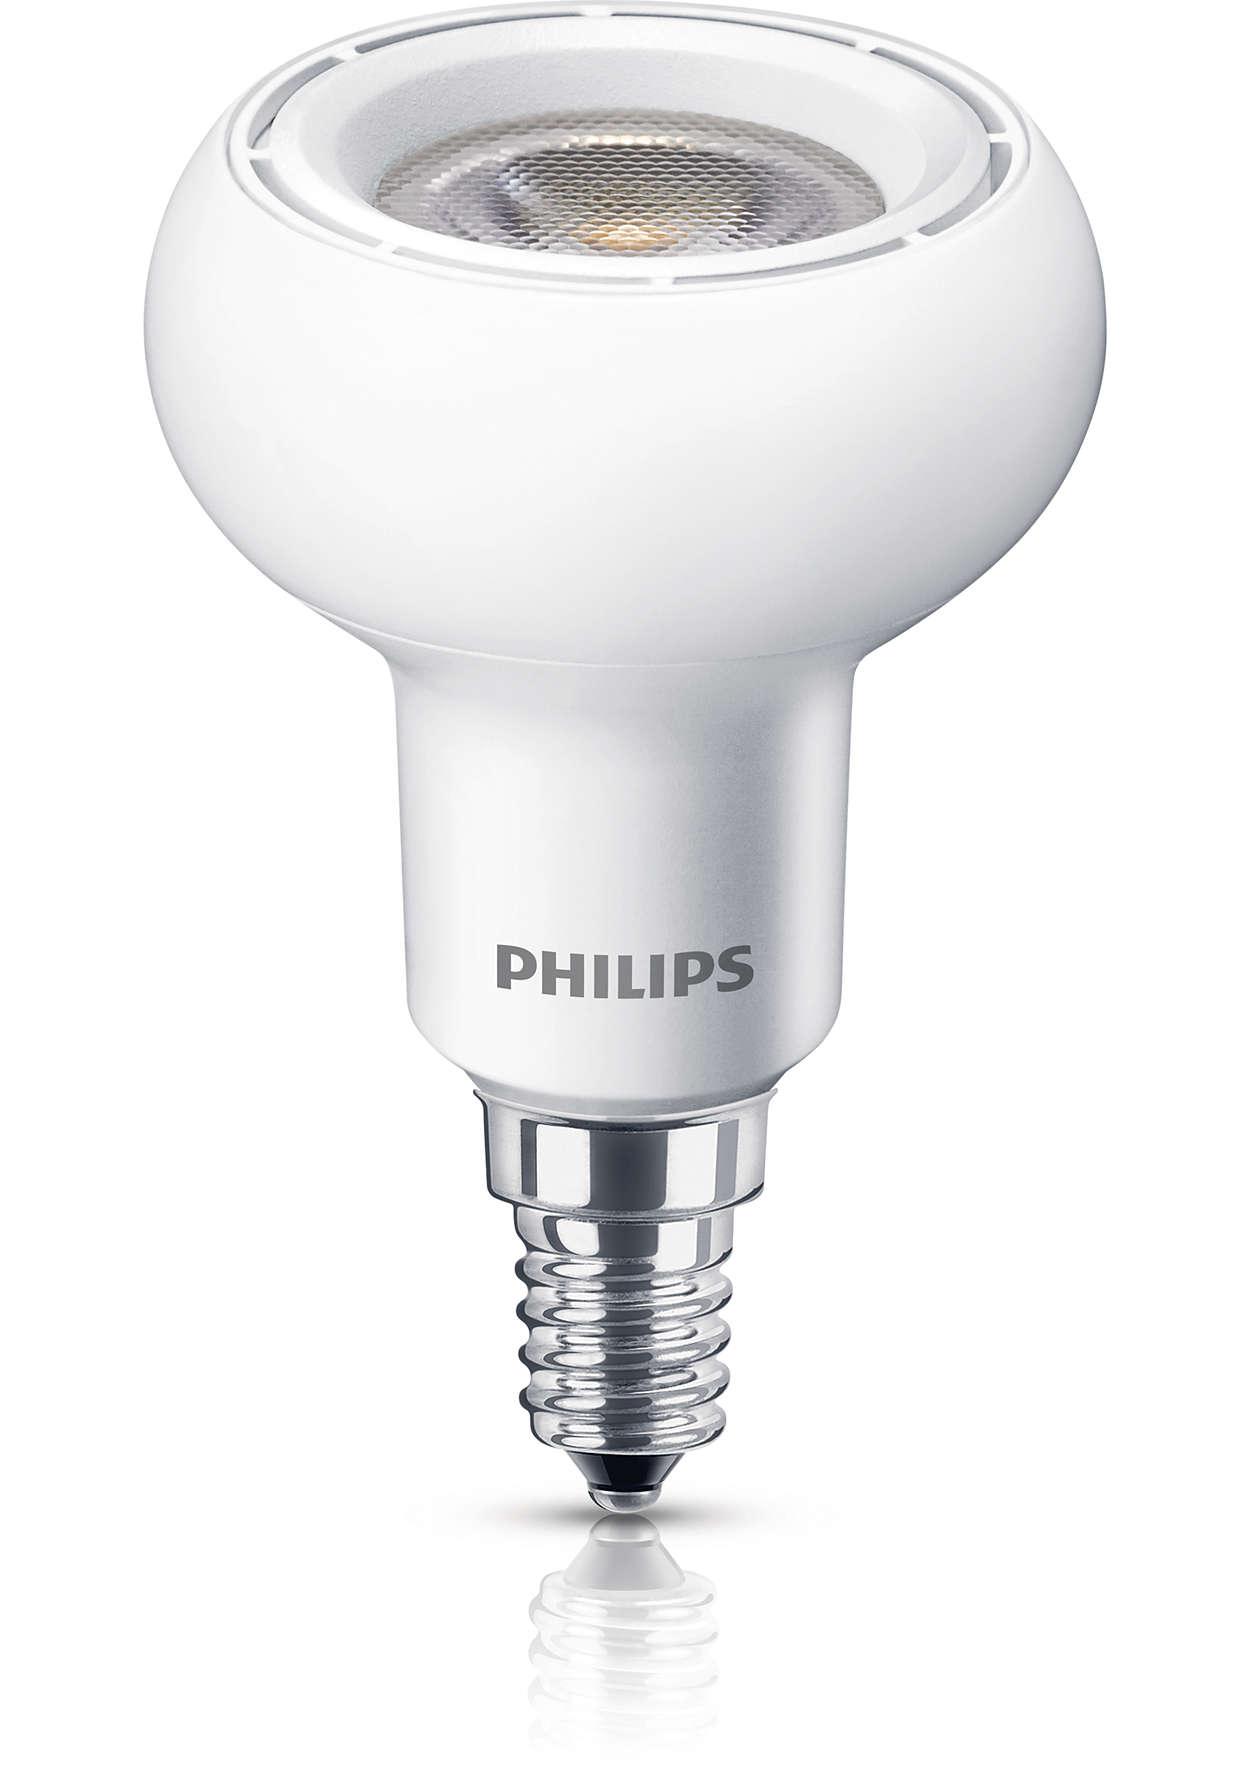 Um feixe de luz familiar num design inovador